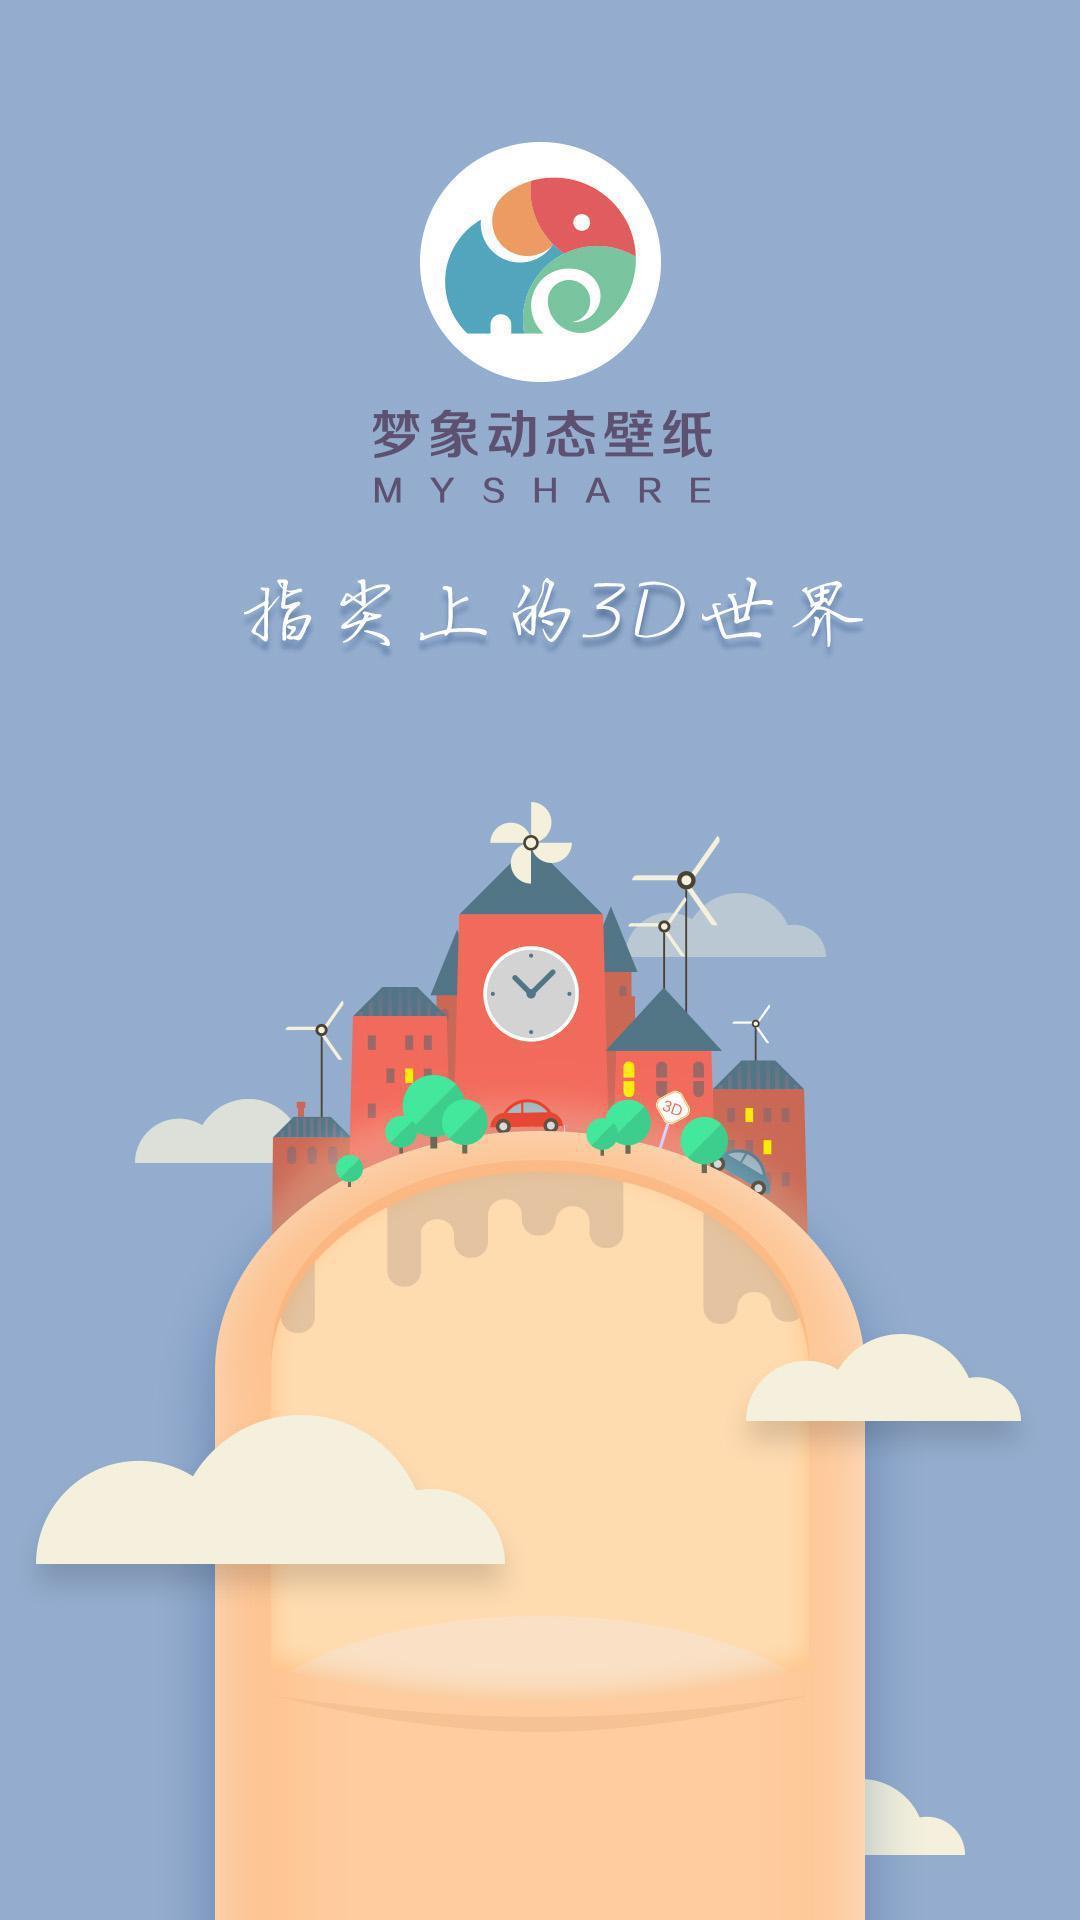 爱心气球-梦象动态壁纸截图5